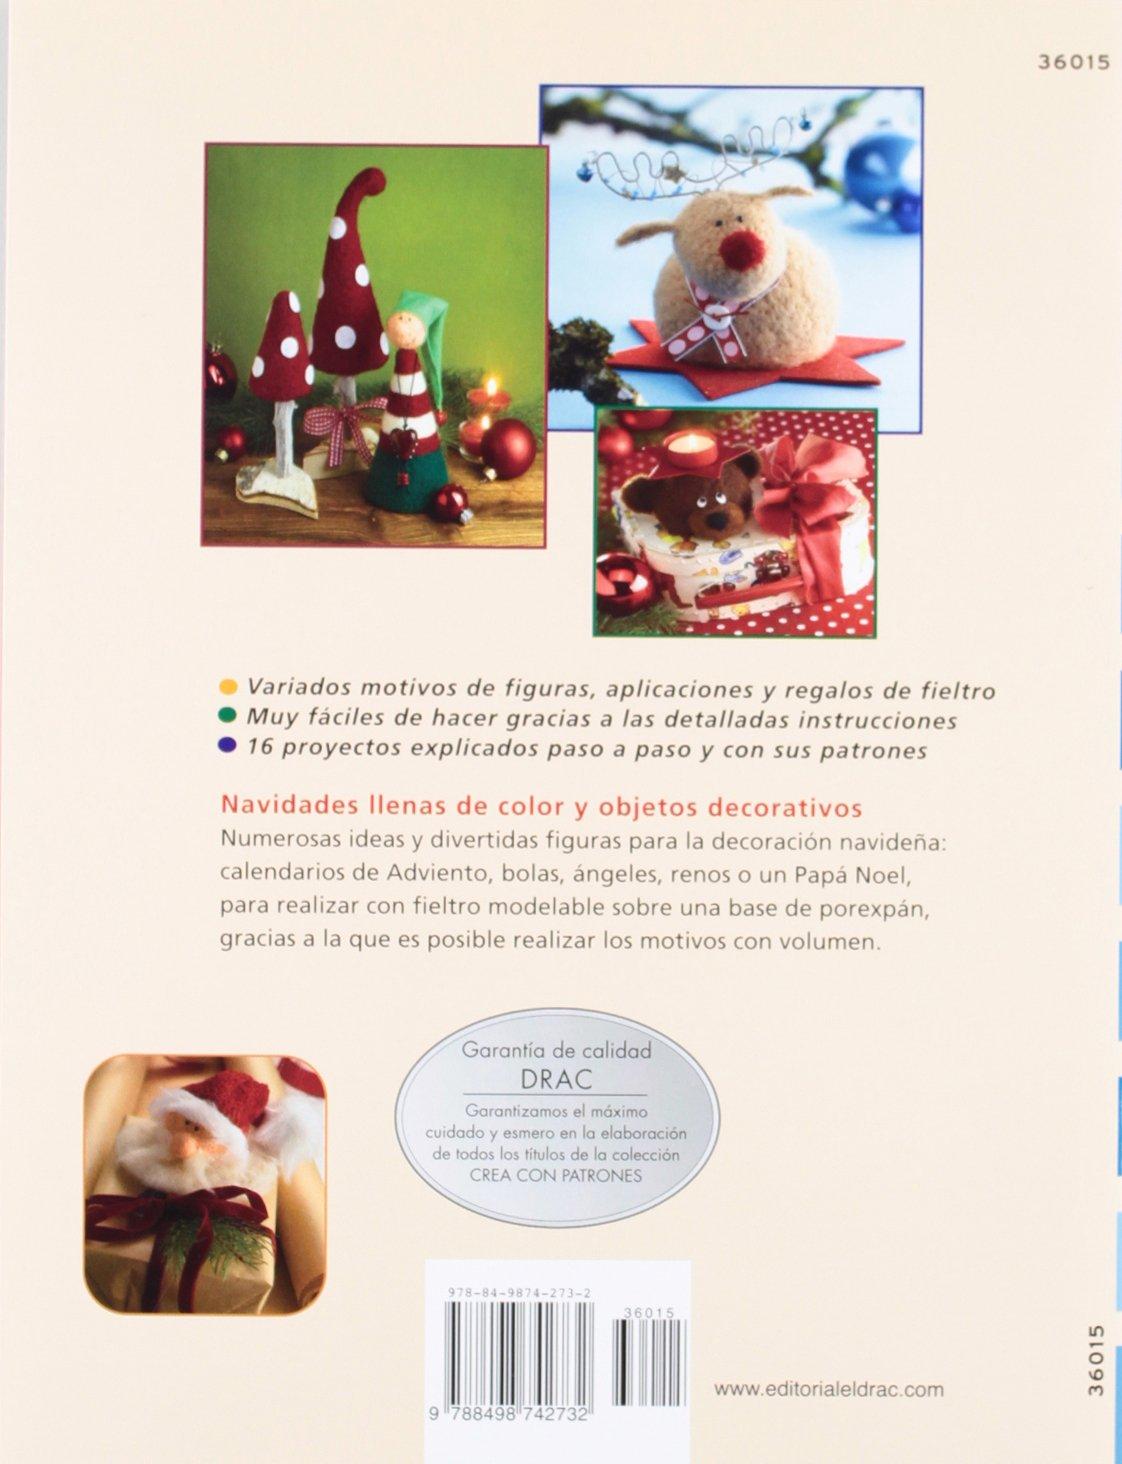 Comprar online manuales decoraciones fieltro agujado Navidad 2